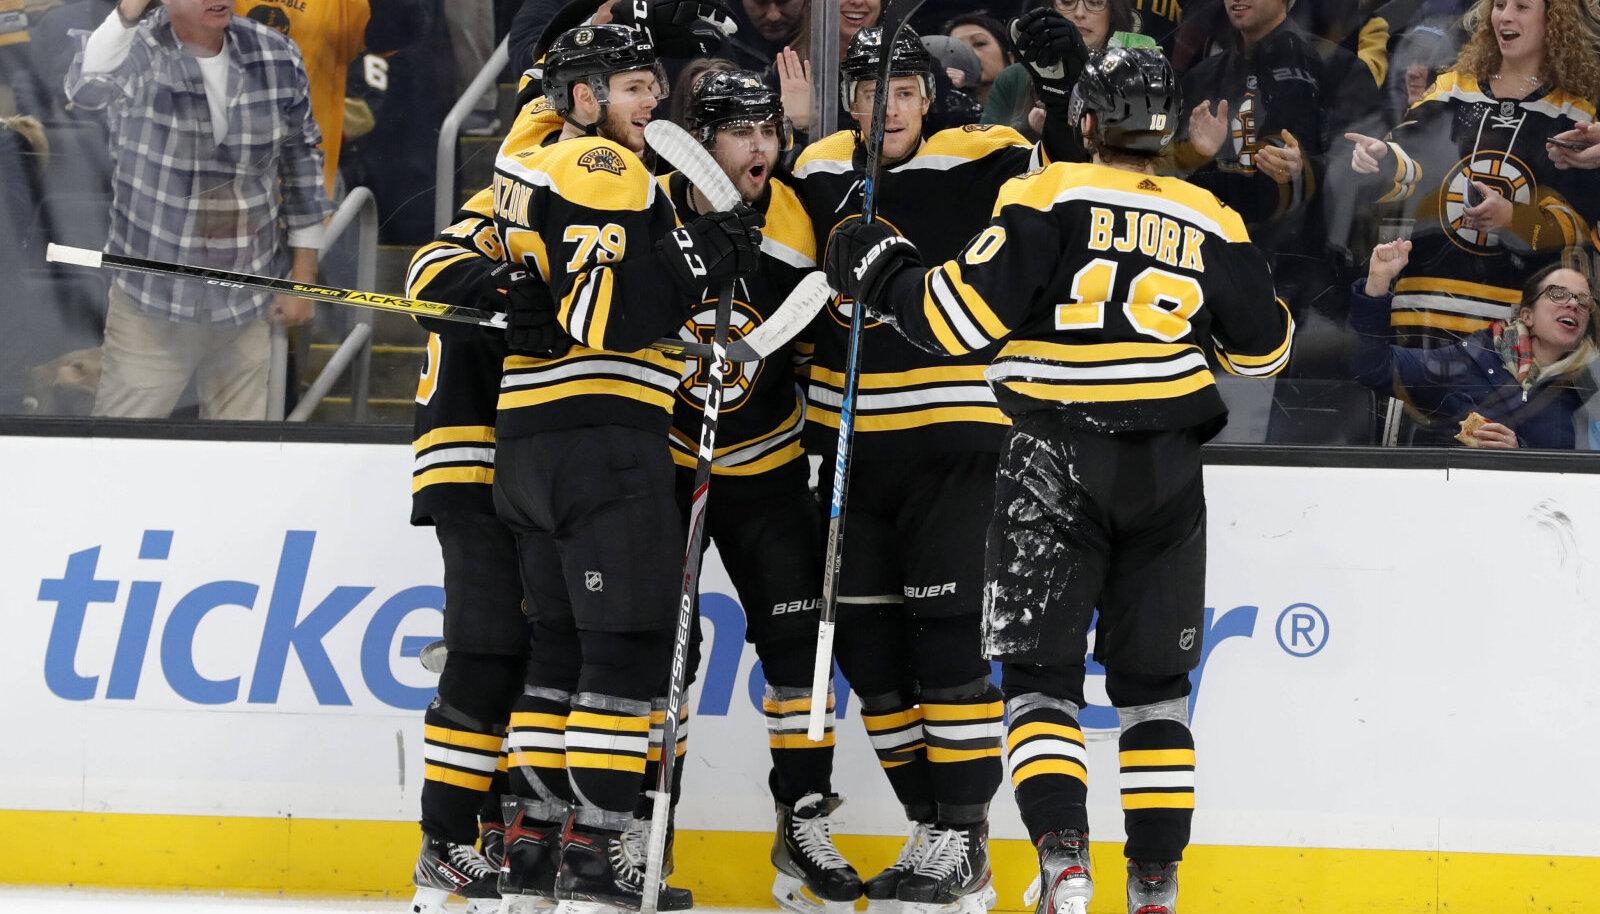 Hooaja pooleli jäämise hetkel hoidis põhiturniiril liidrikohta Boston Bruins.